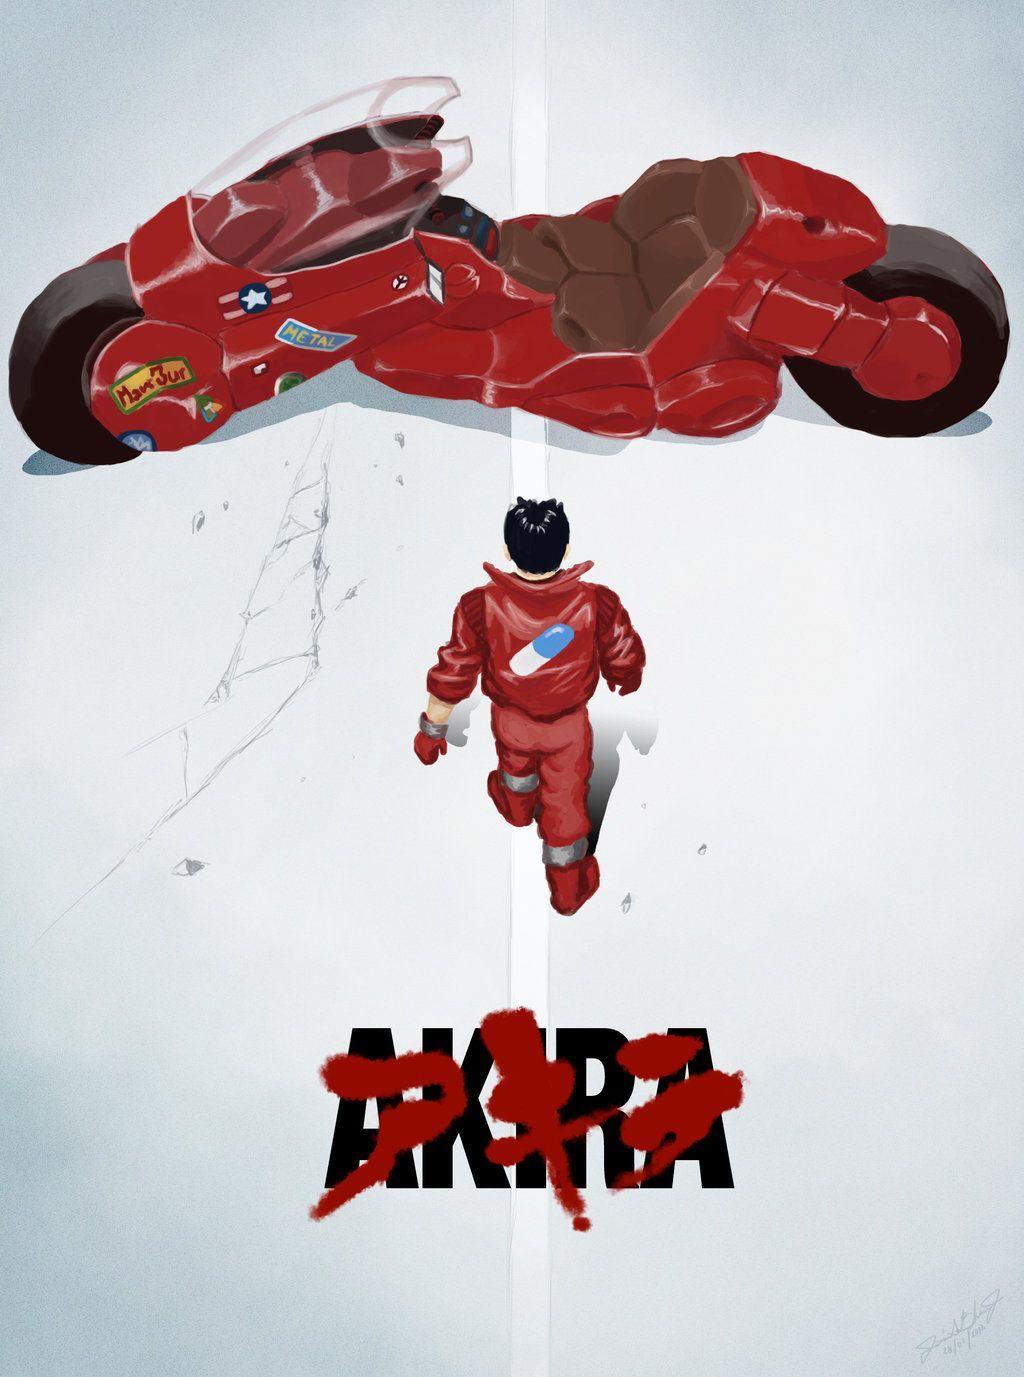 Unduh 560+ Wallpaper Anime Hd Movie Paling Keren